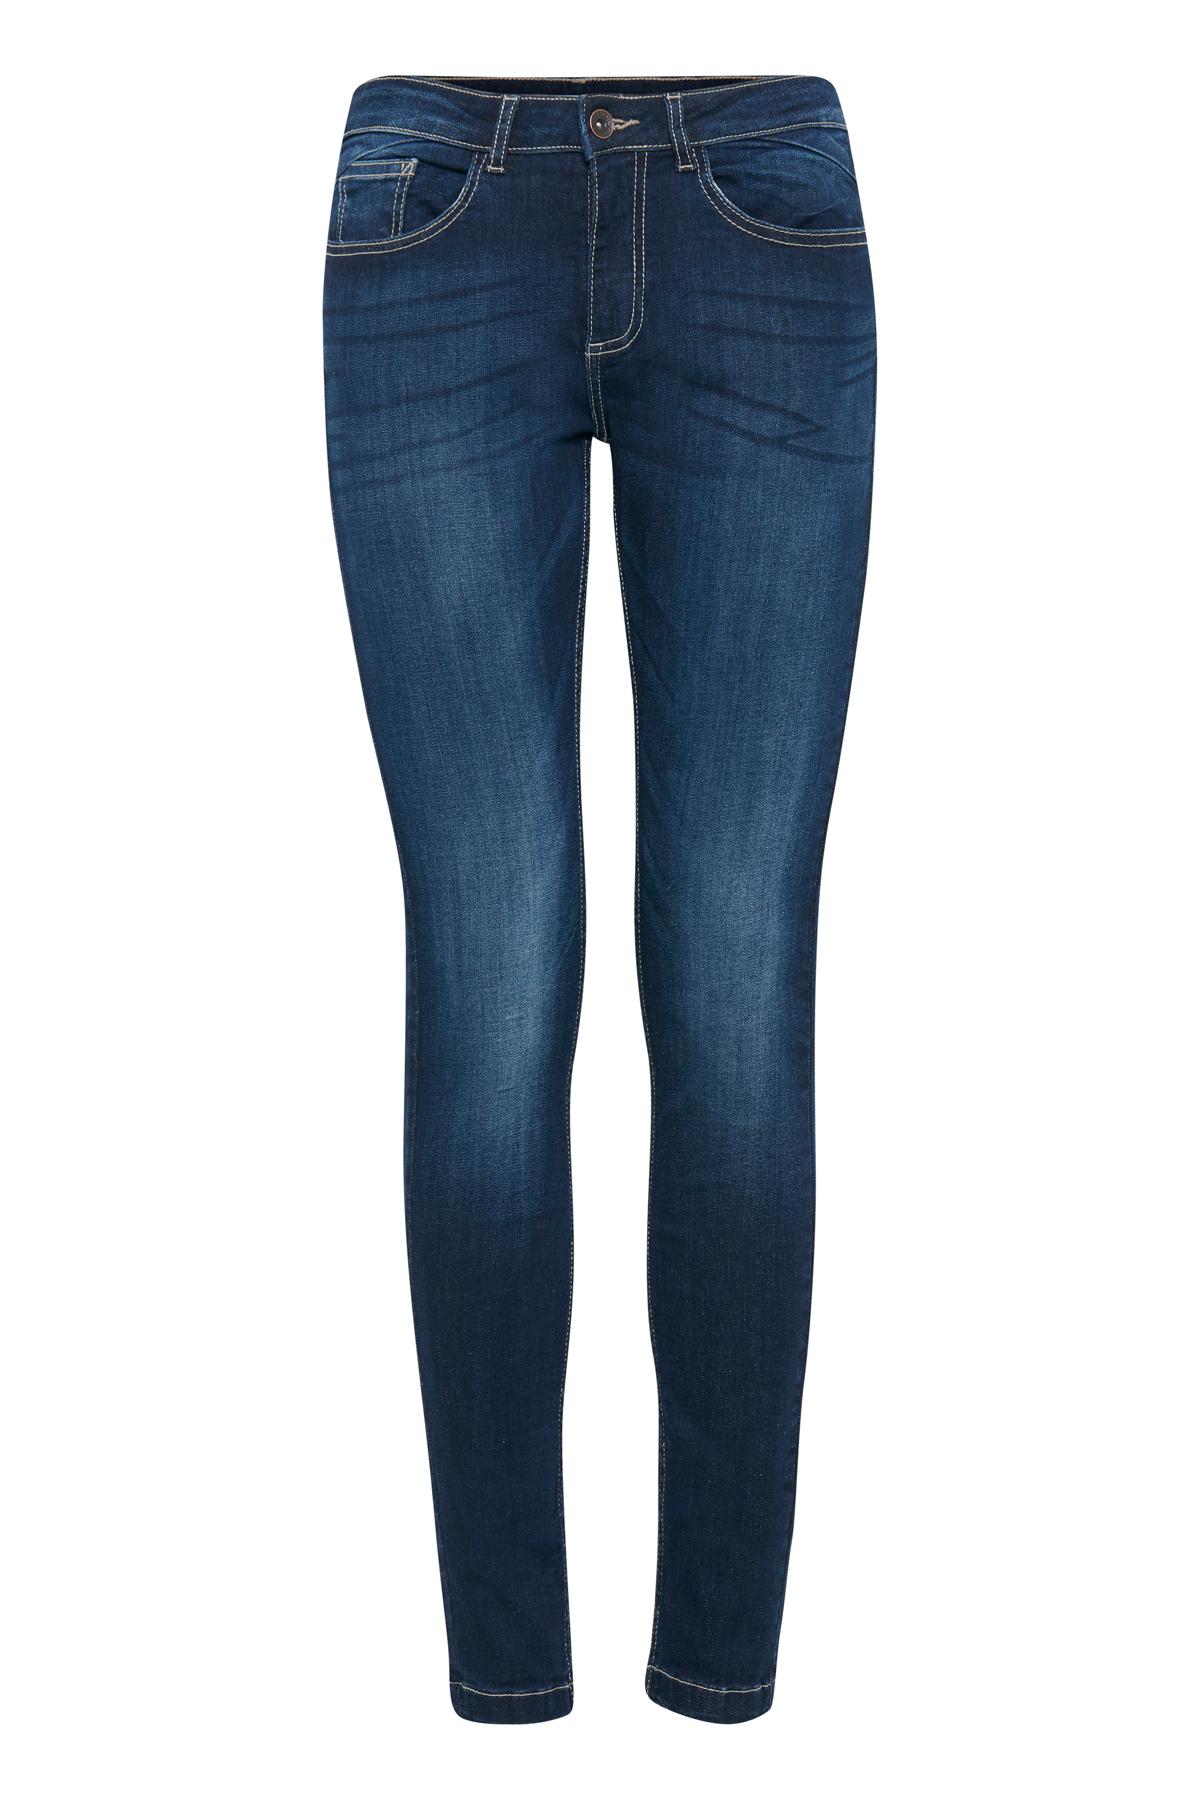 Dark ink Jeans van b.young – Koop Dark ink Jeans hier van size 25-36